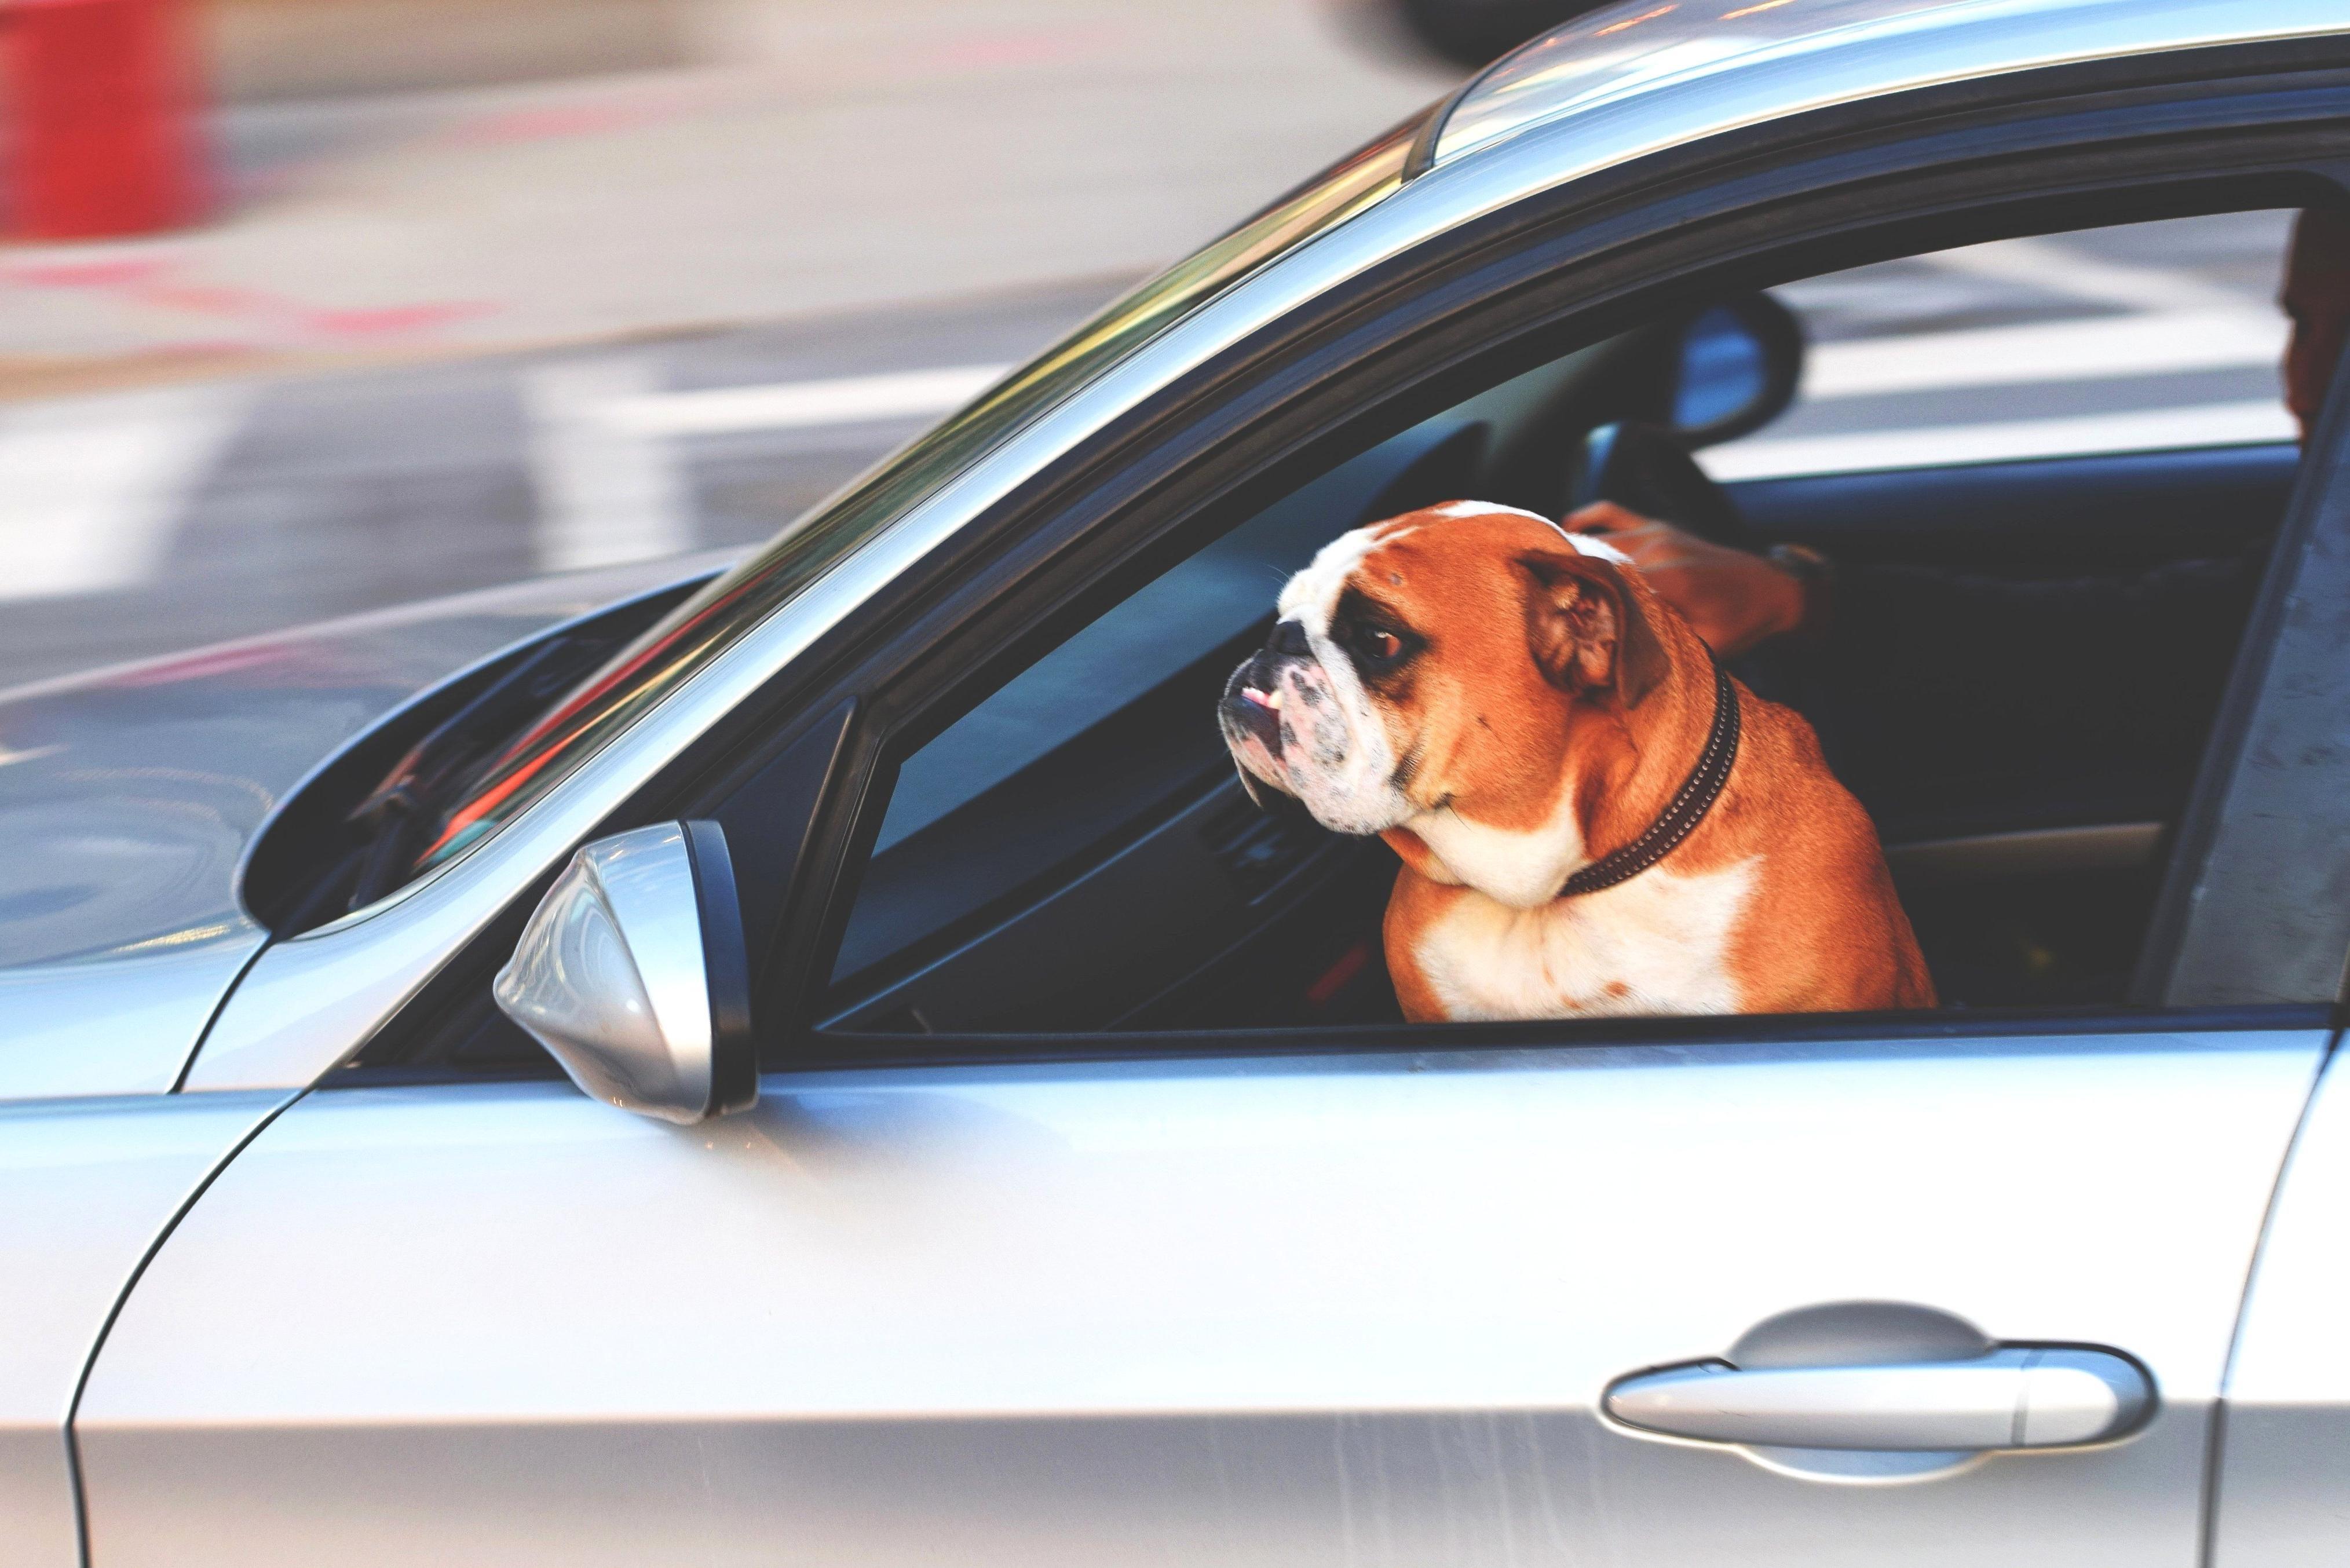 Free picture: animal, dog, car, pet